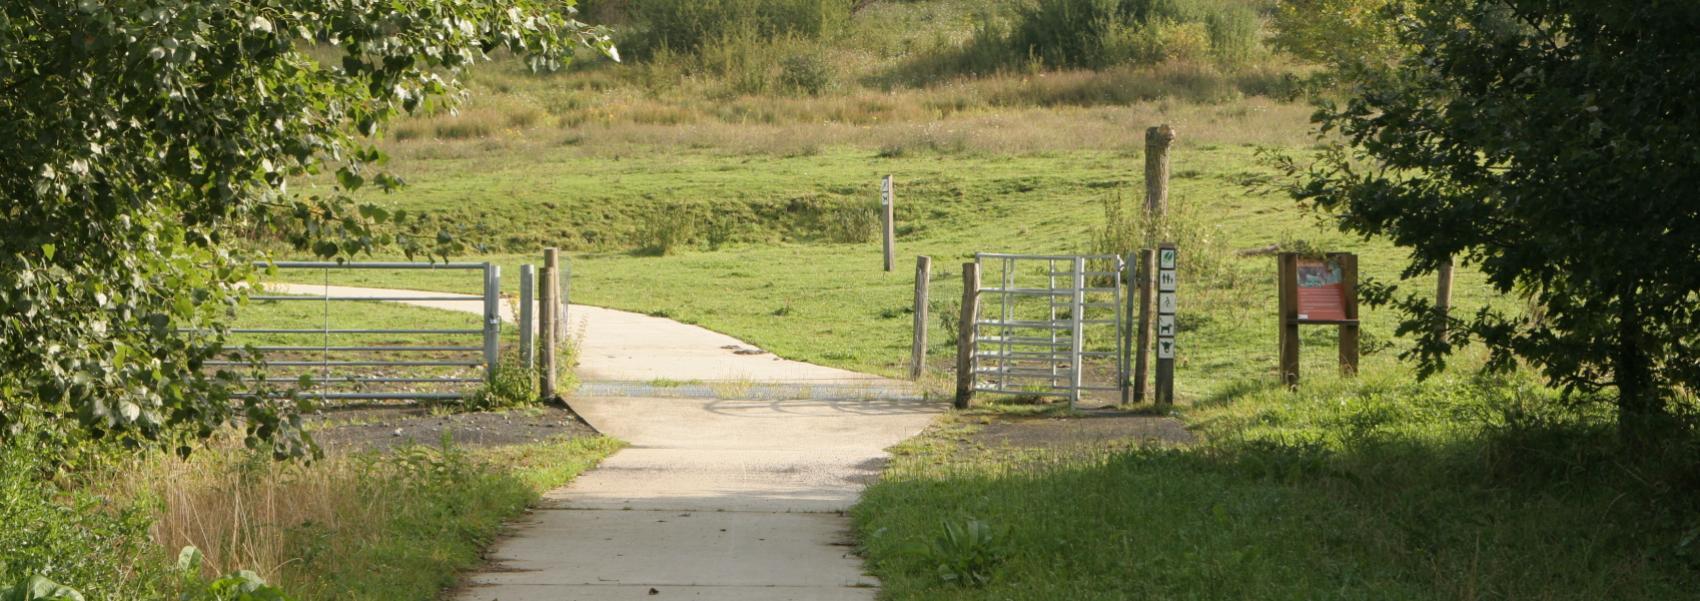 verhard fietspad in het landschap